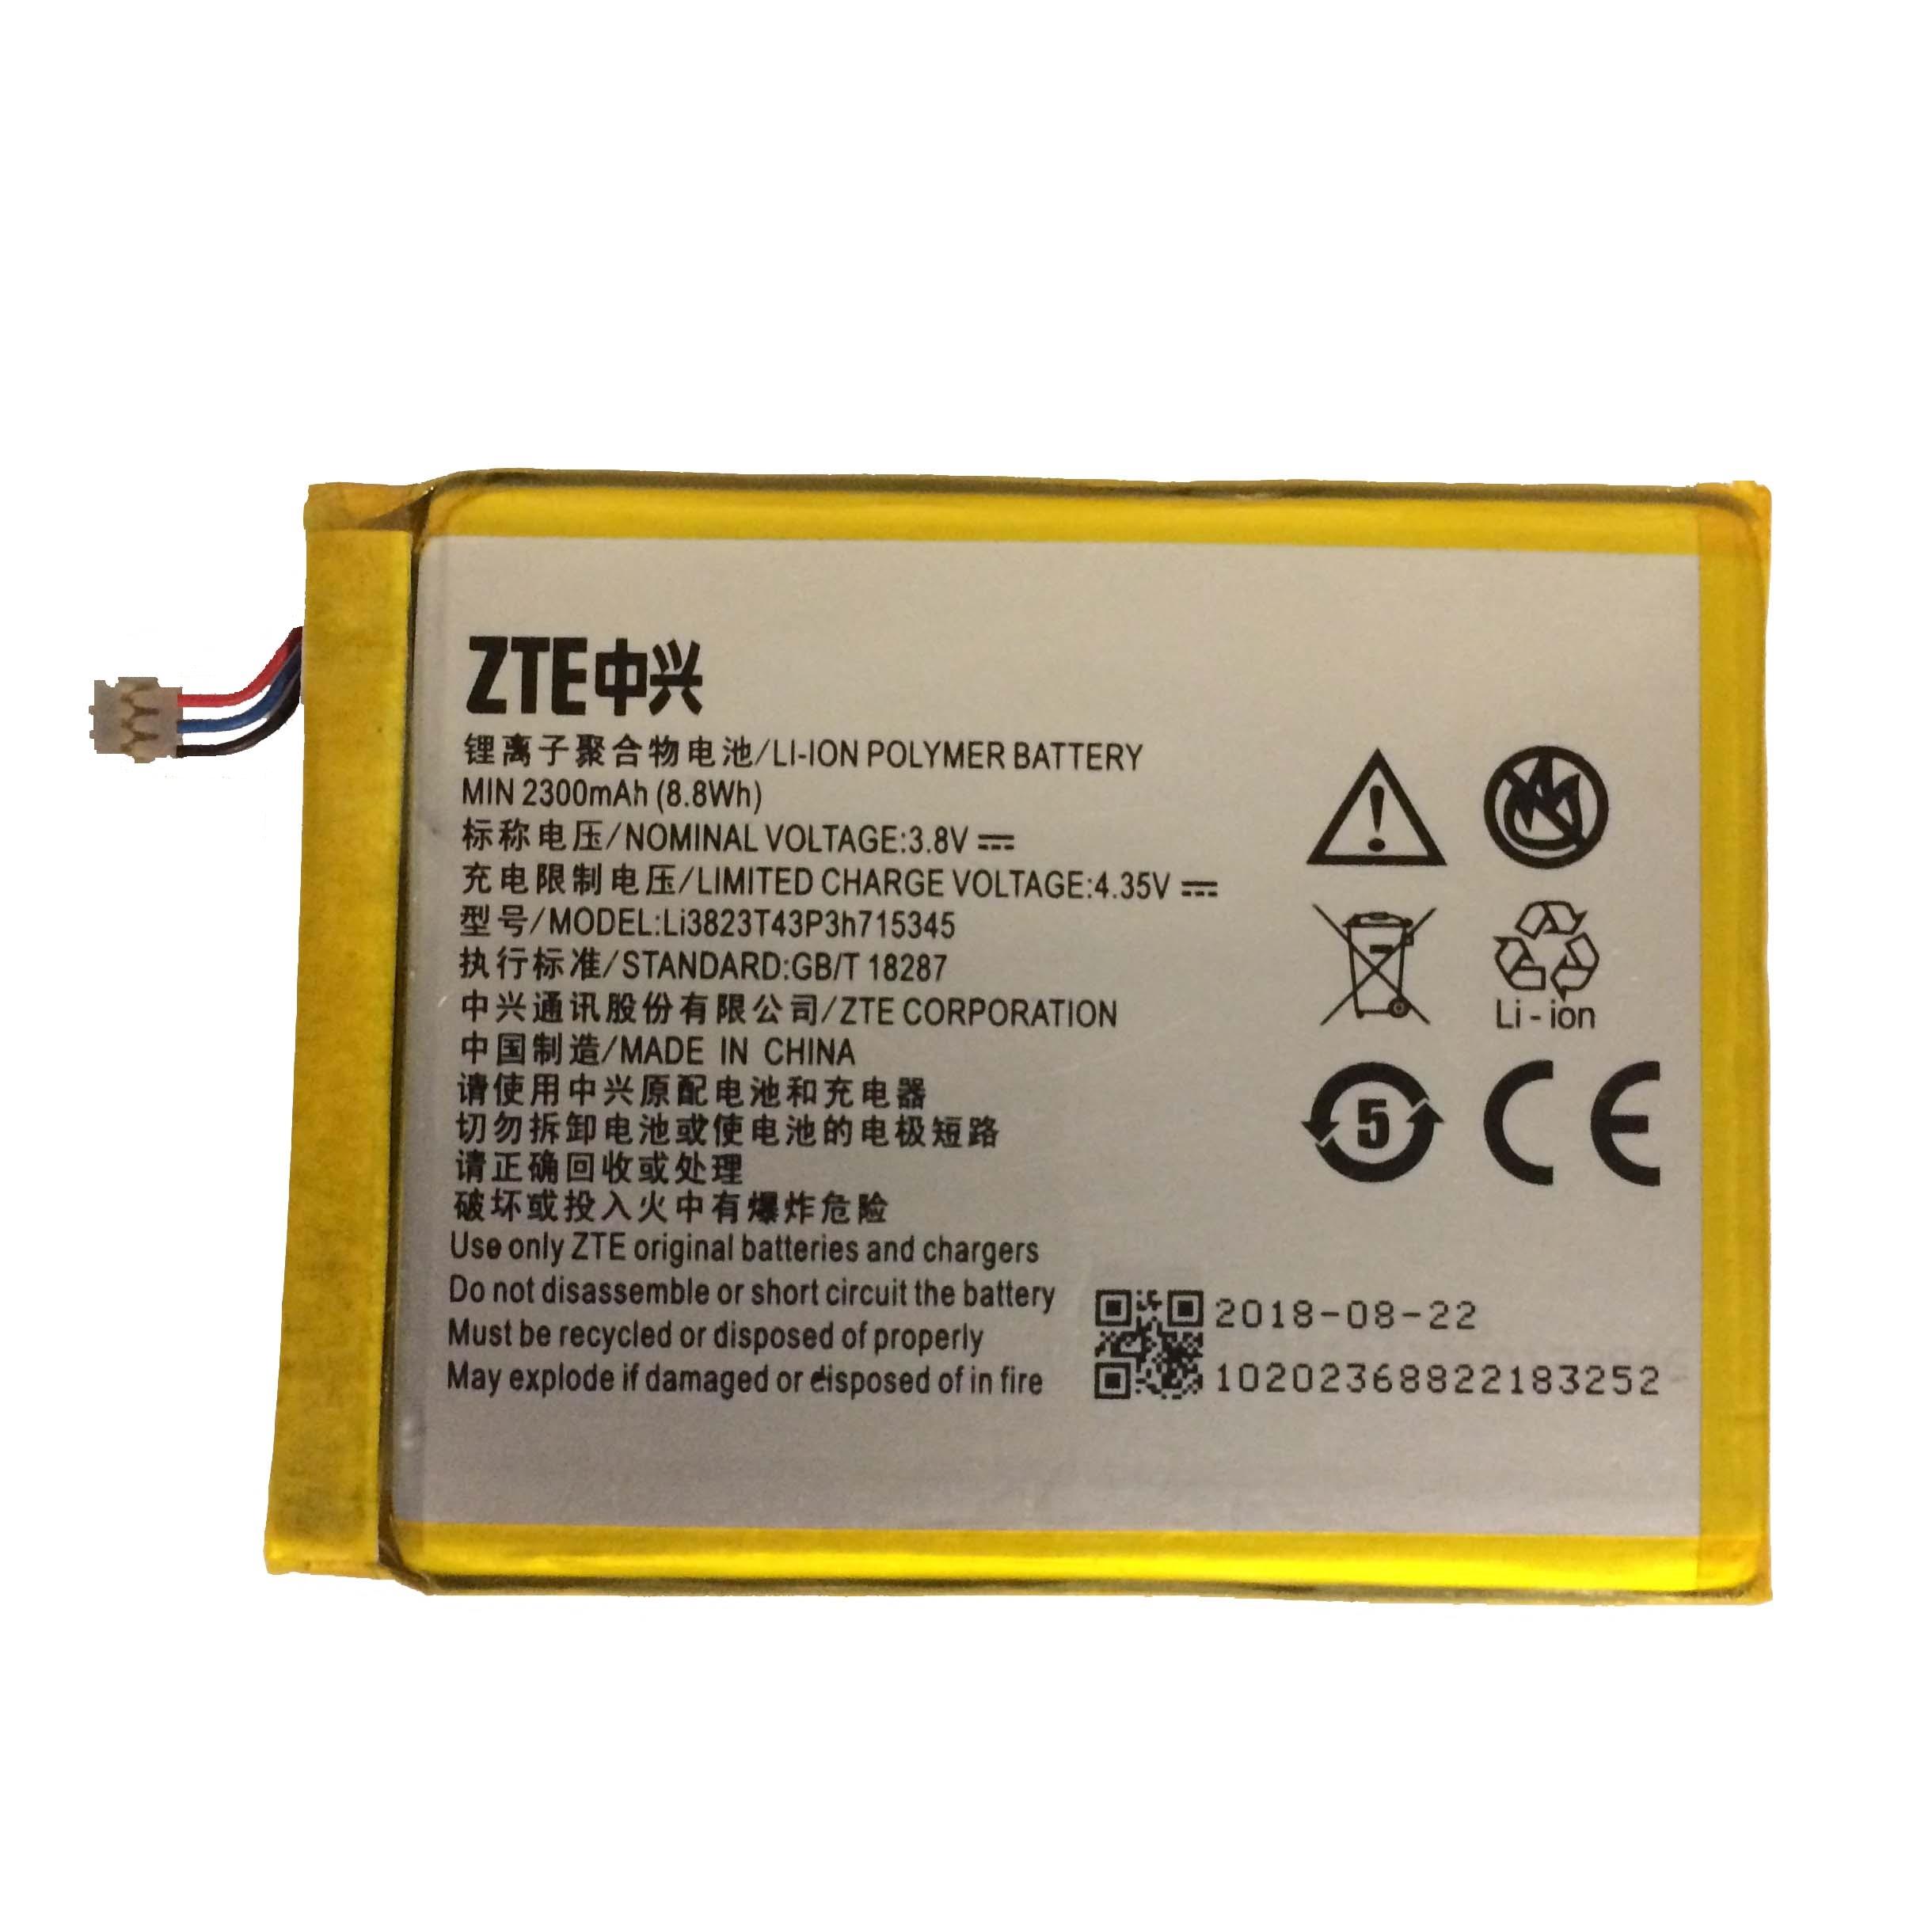 باتری  لیتیوم یون زد تی ای  مدل Li3823T43P3h715345 مناسب برای مودم همراه ایرانسل  MF910